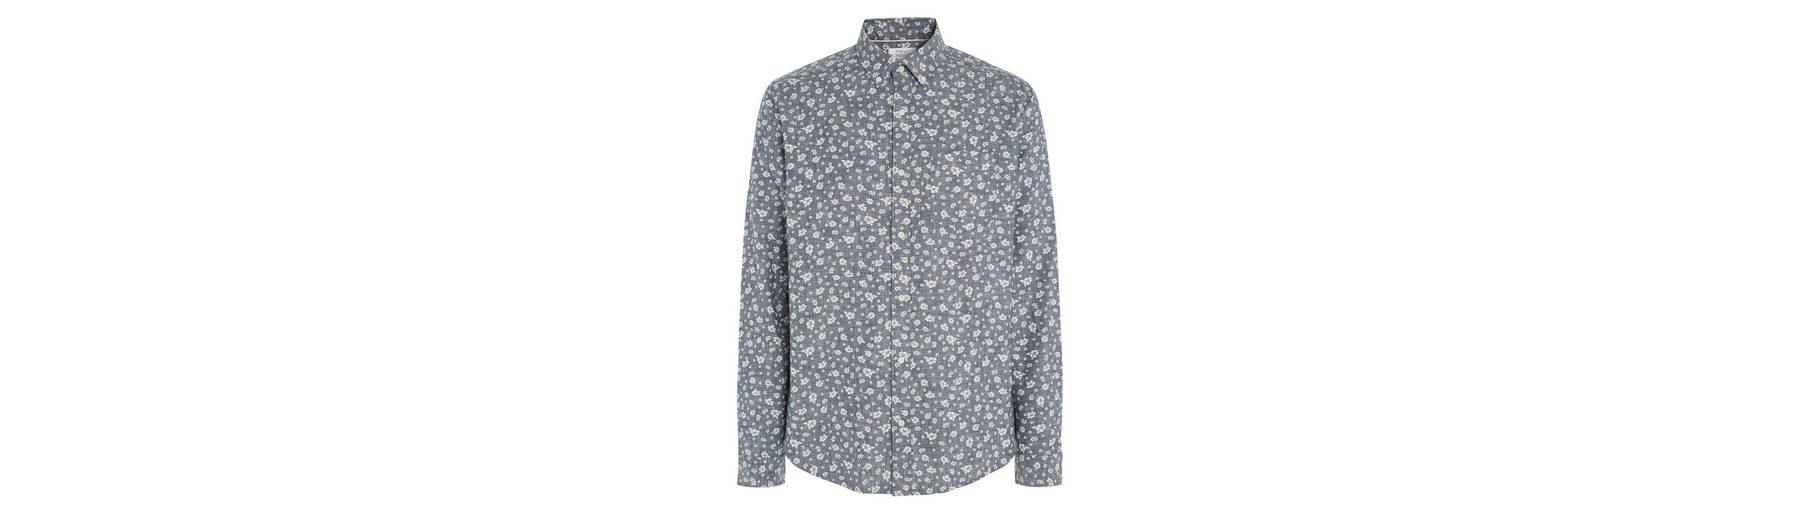 Next Langarmhemd mit Chambray-Print Billig Verkauf Besuch Neu Erhalten Authentisch Günstigen Preis Mode Günstig Online 9ovyQEMq